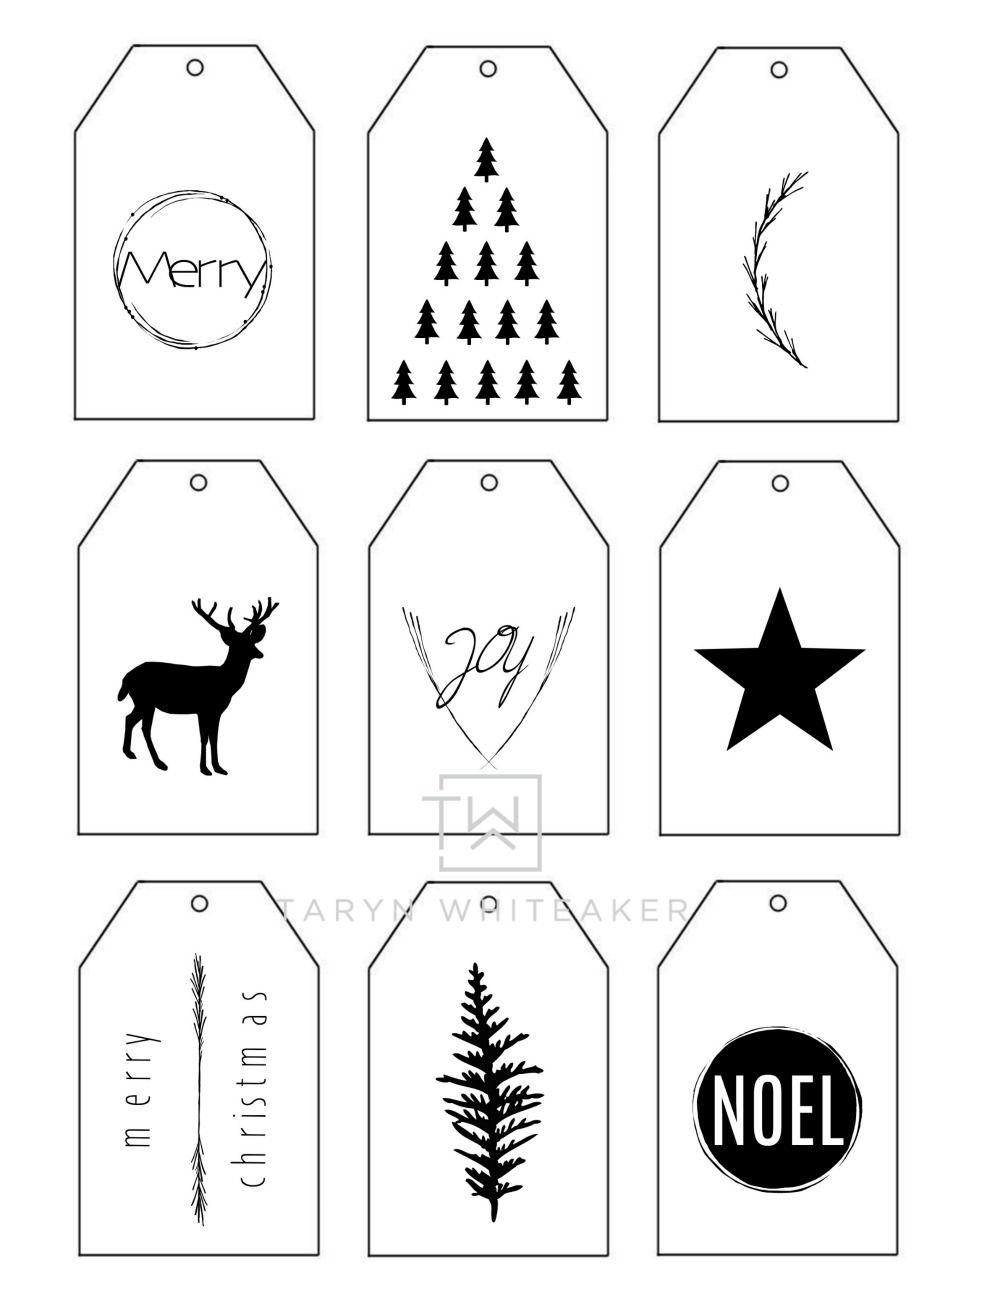 Printable Christmas Gift Tags Christmas Gift Tags Printable Free Printable Christmas Gift Tags Christmas Gift Tags